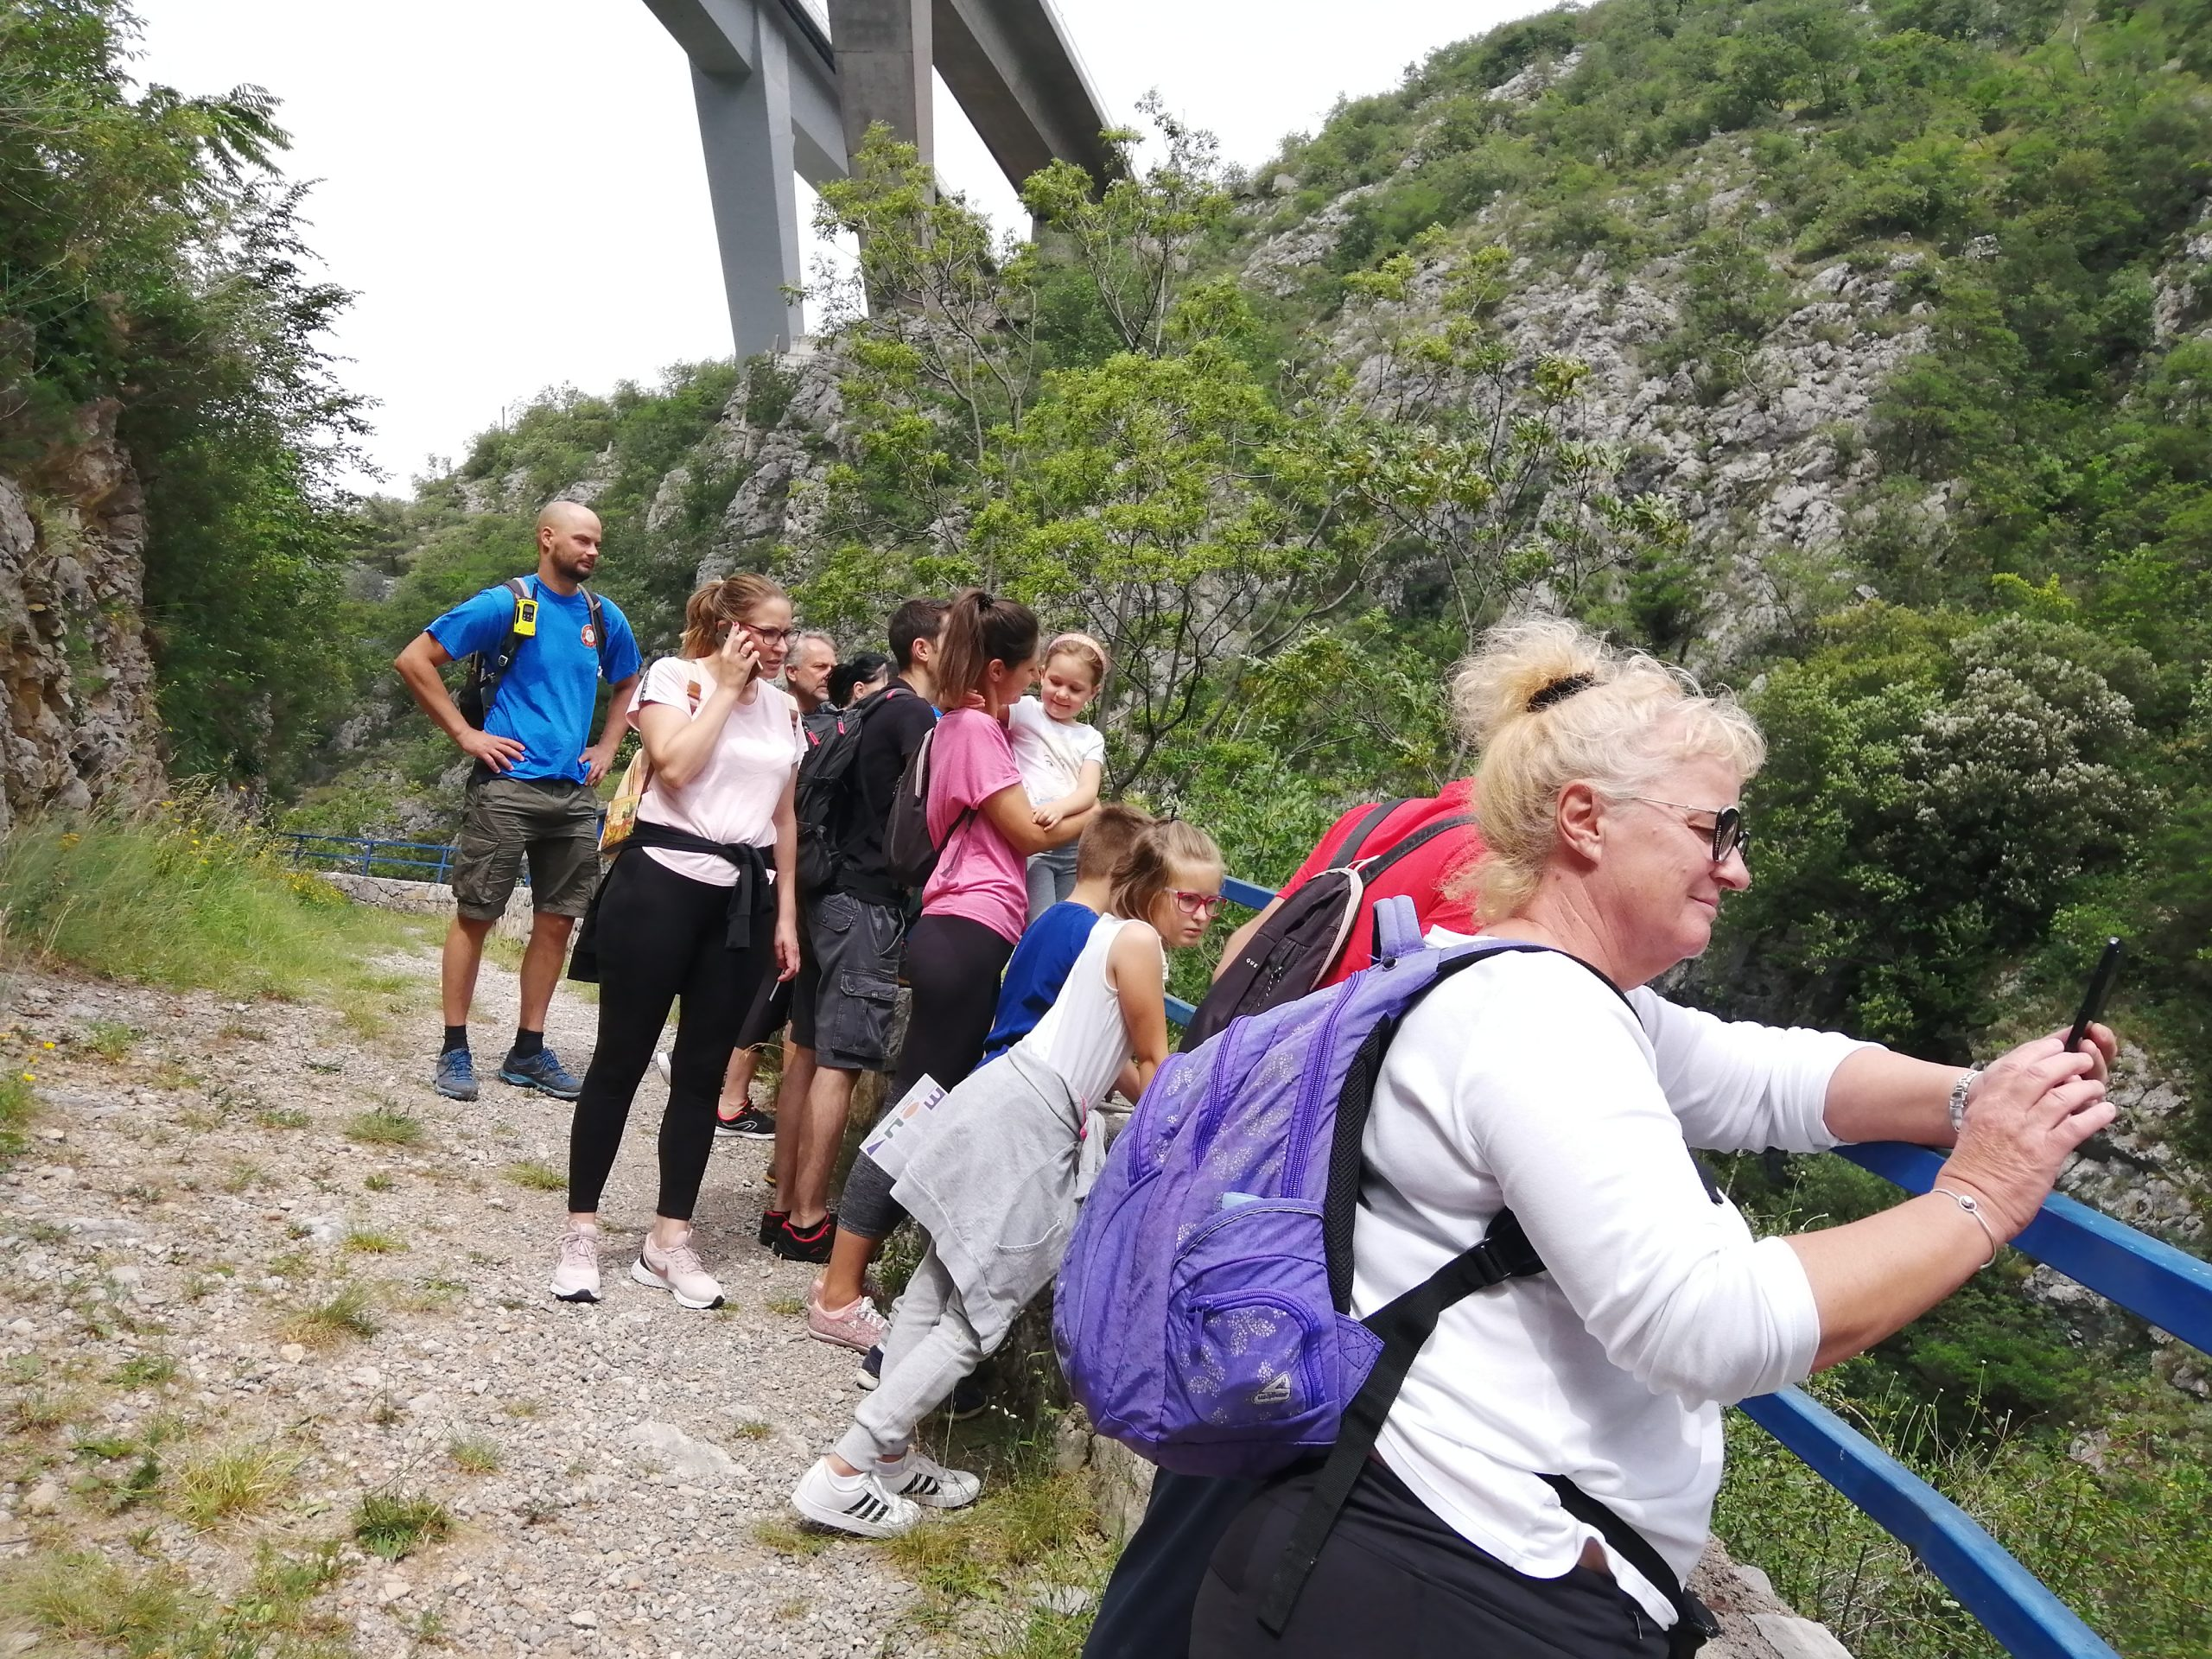 Šetnja kanjonom Rječine / Foto: MO Hartera, press